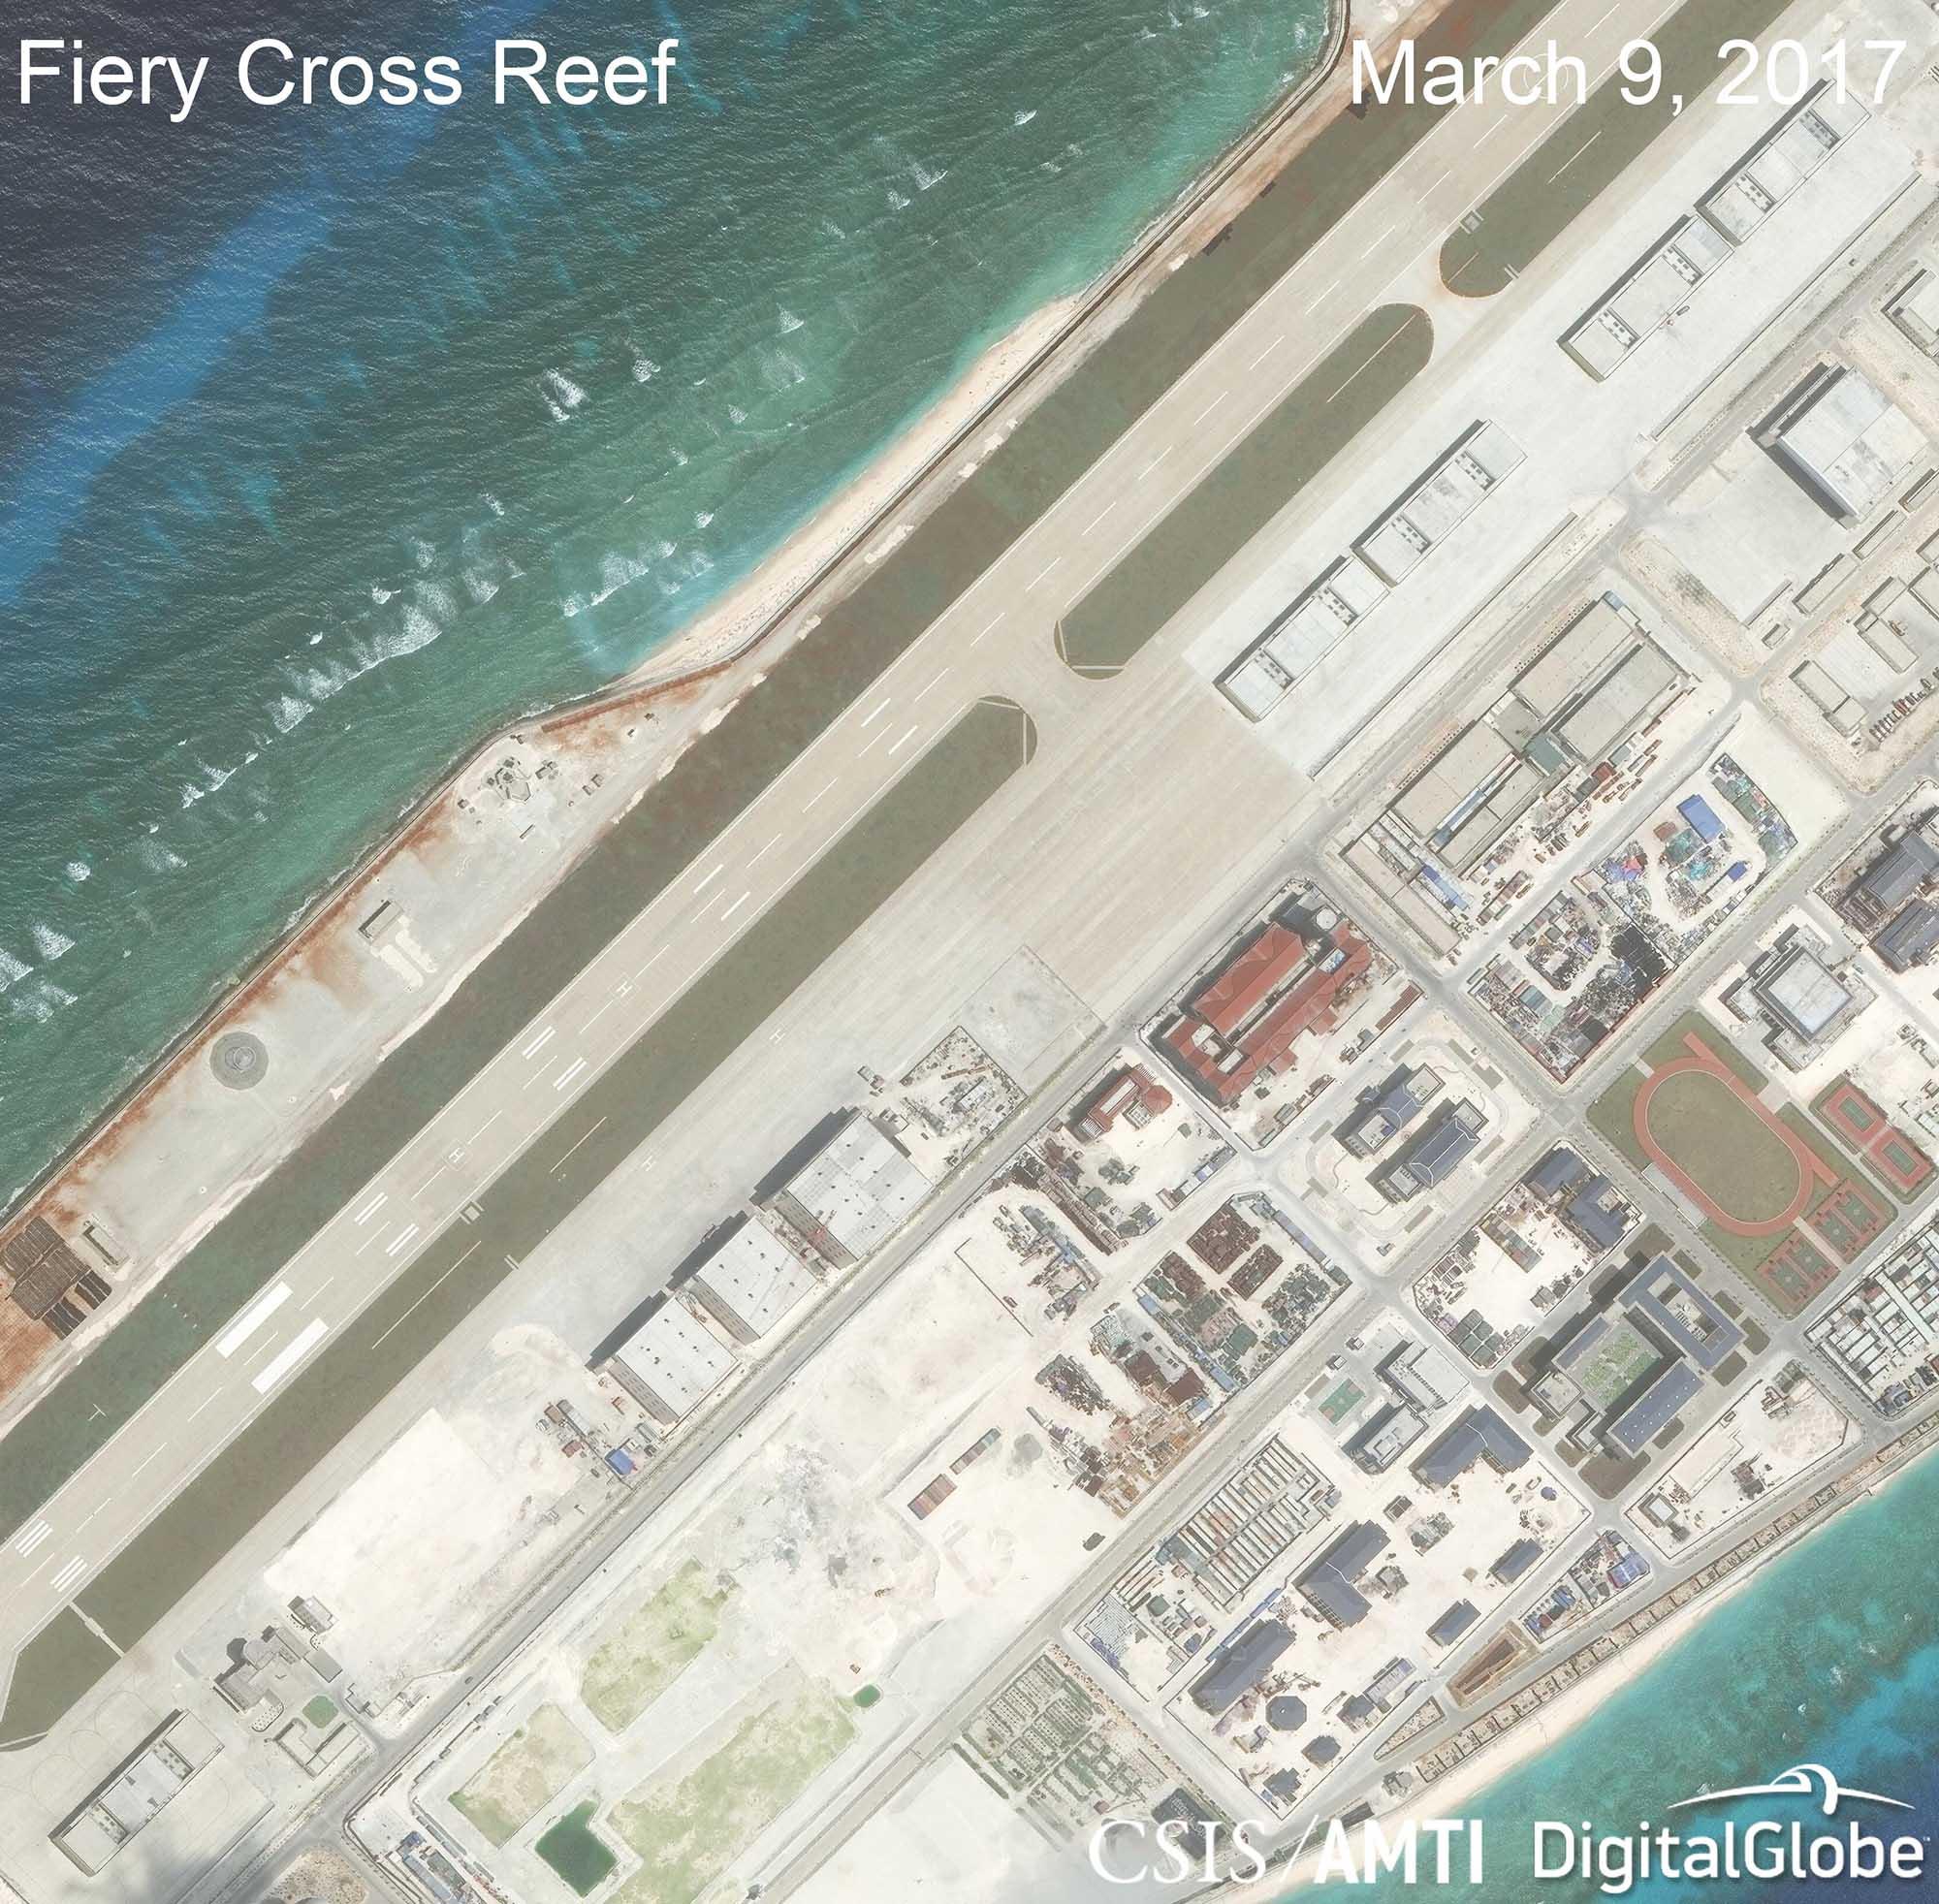 Fiery Cross Hangars 3.9.17